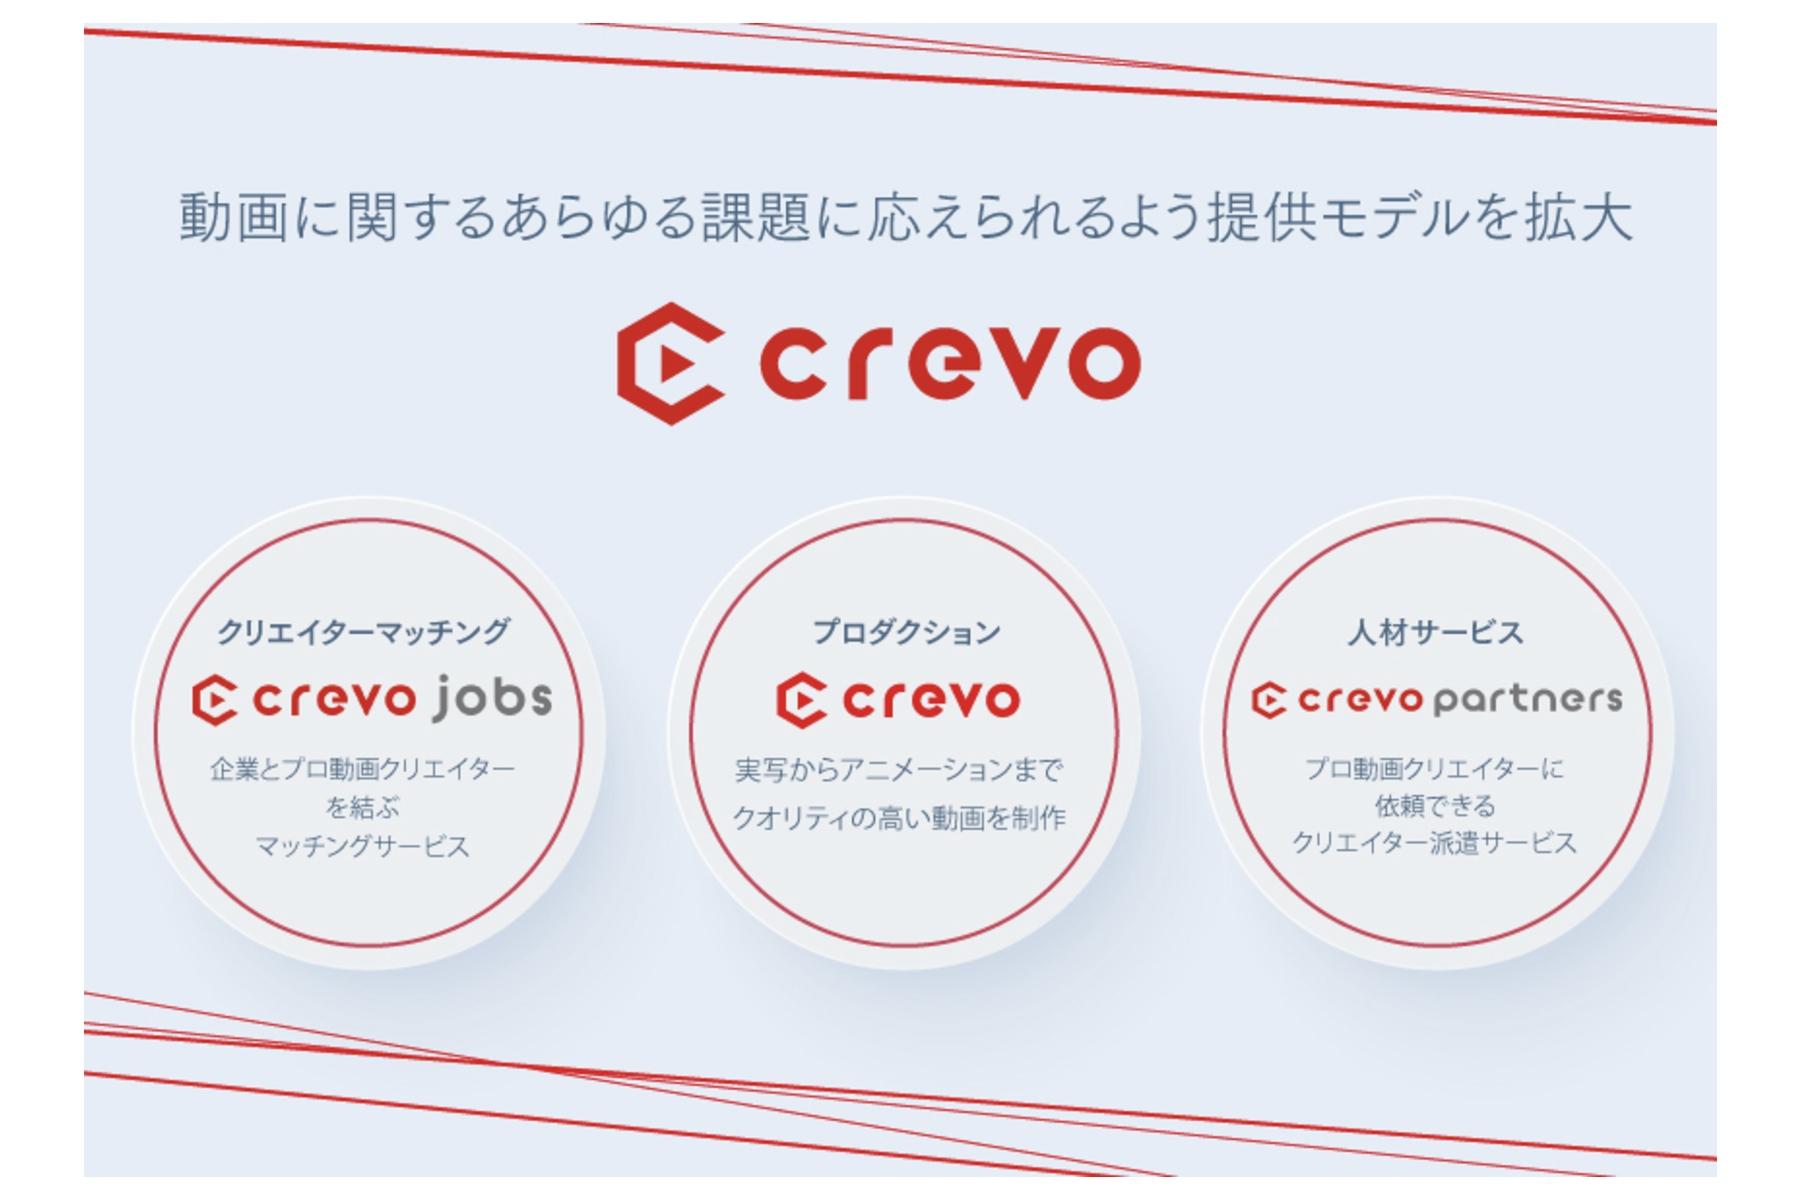 動画制作プラットフォームを展開するCrevoが総額約2億円の資金調達を実施